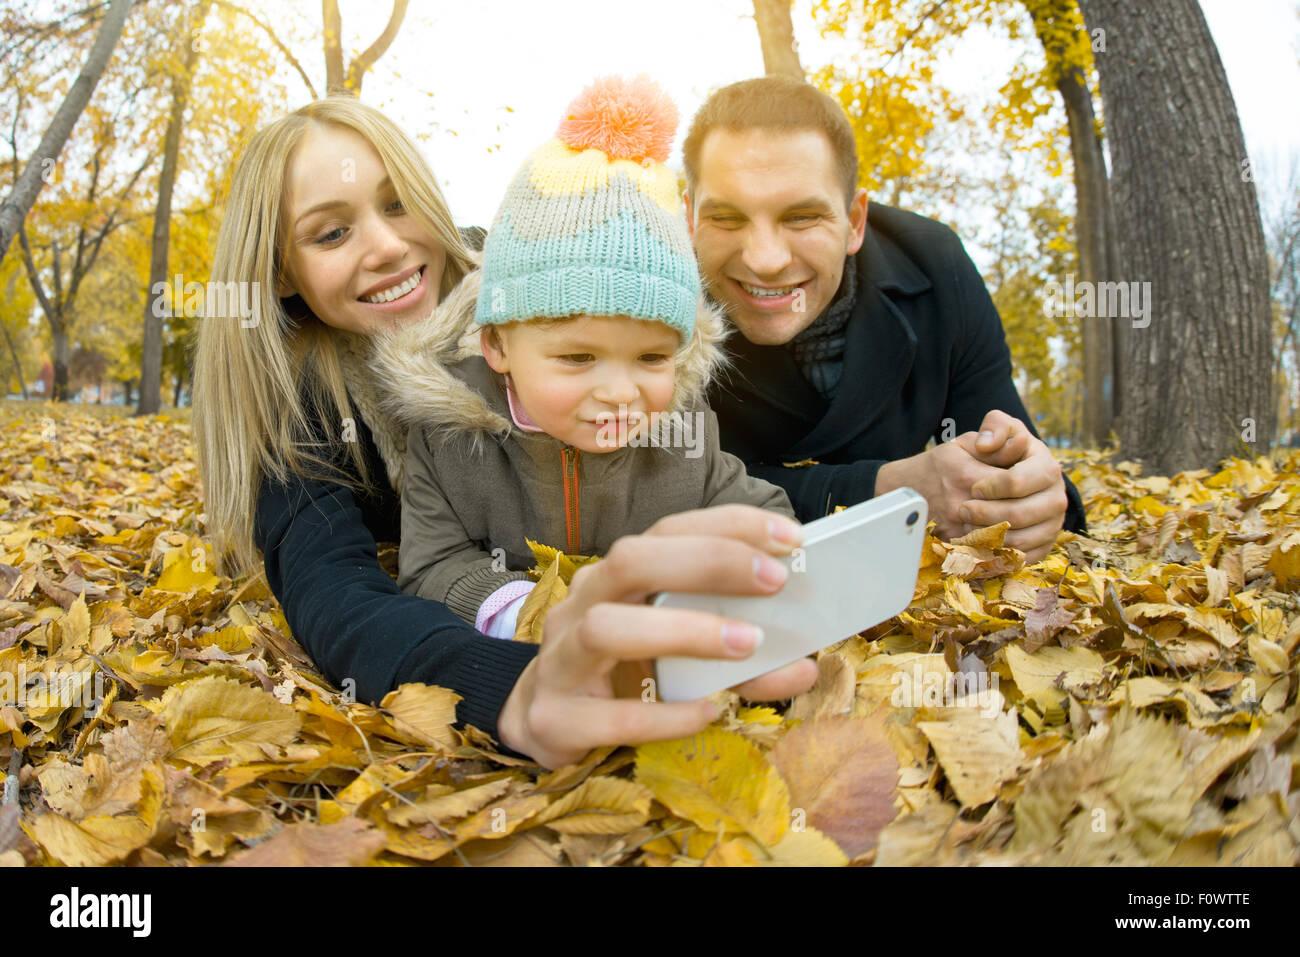 Happy Family Avec petit enfant prendre sortie Selfies sur téléphone, in autumn park Photo Stock